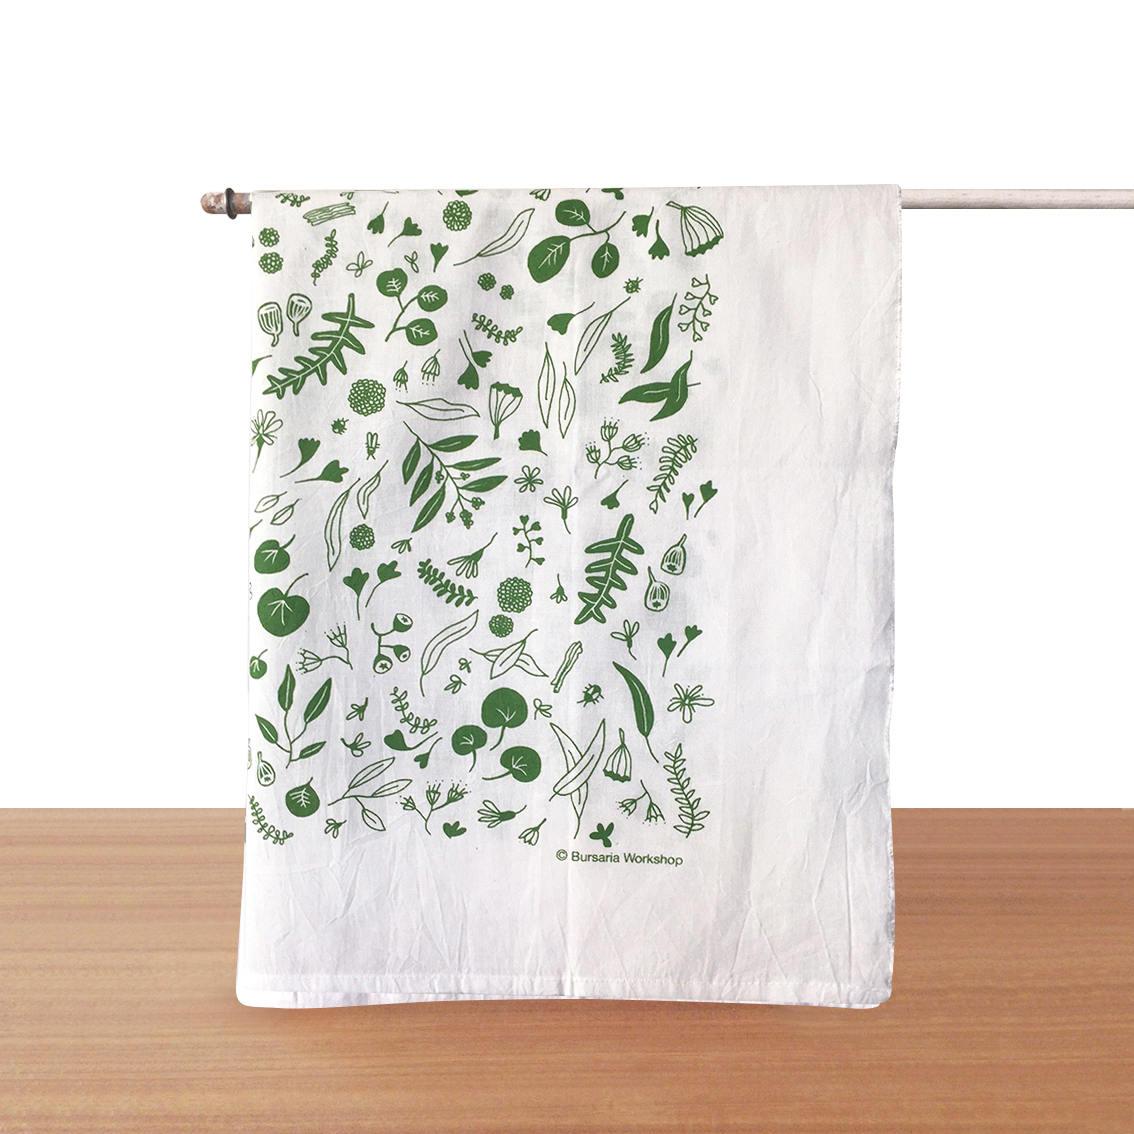 Extra Large Kitchen Towel // Flour Sack Tea Towel // Organic